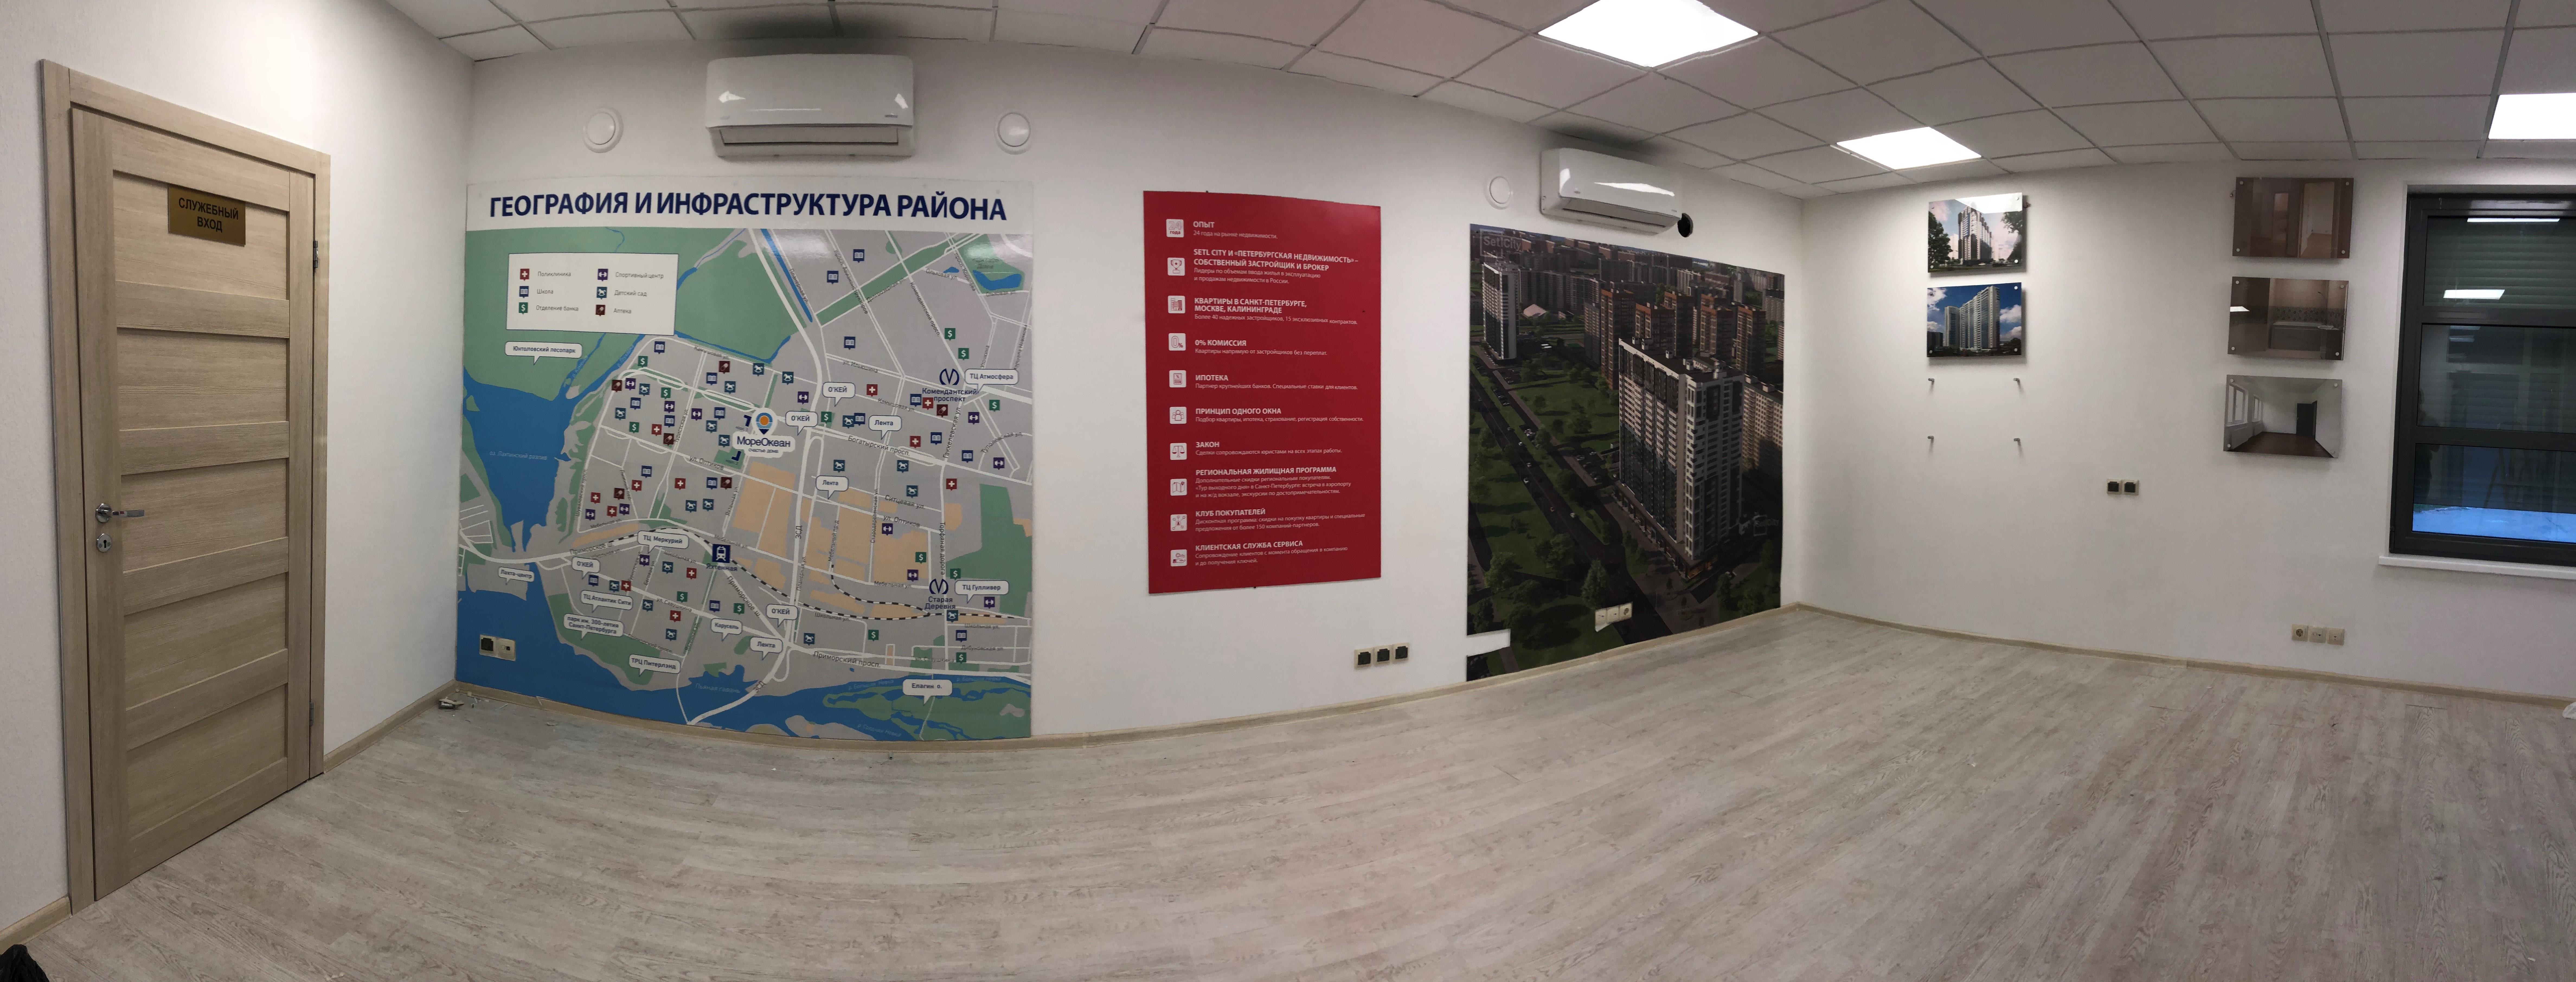 быстровозводимые здания, модульные здания, быстровозводимые офисы продаж, офис setlcity, офис продаж море океан, интерьерное оформление офиса